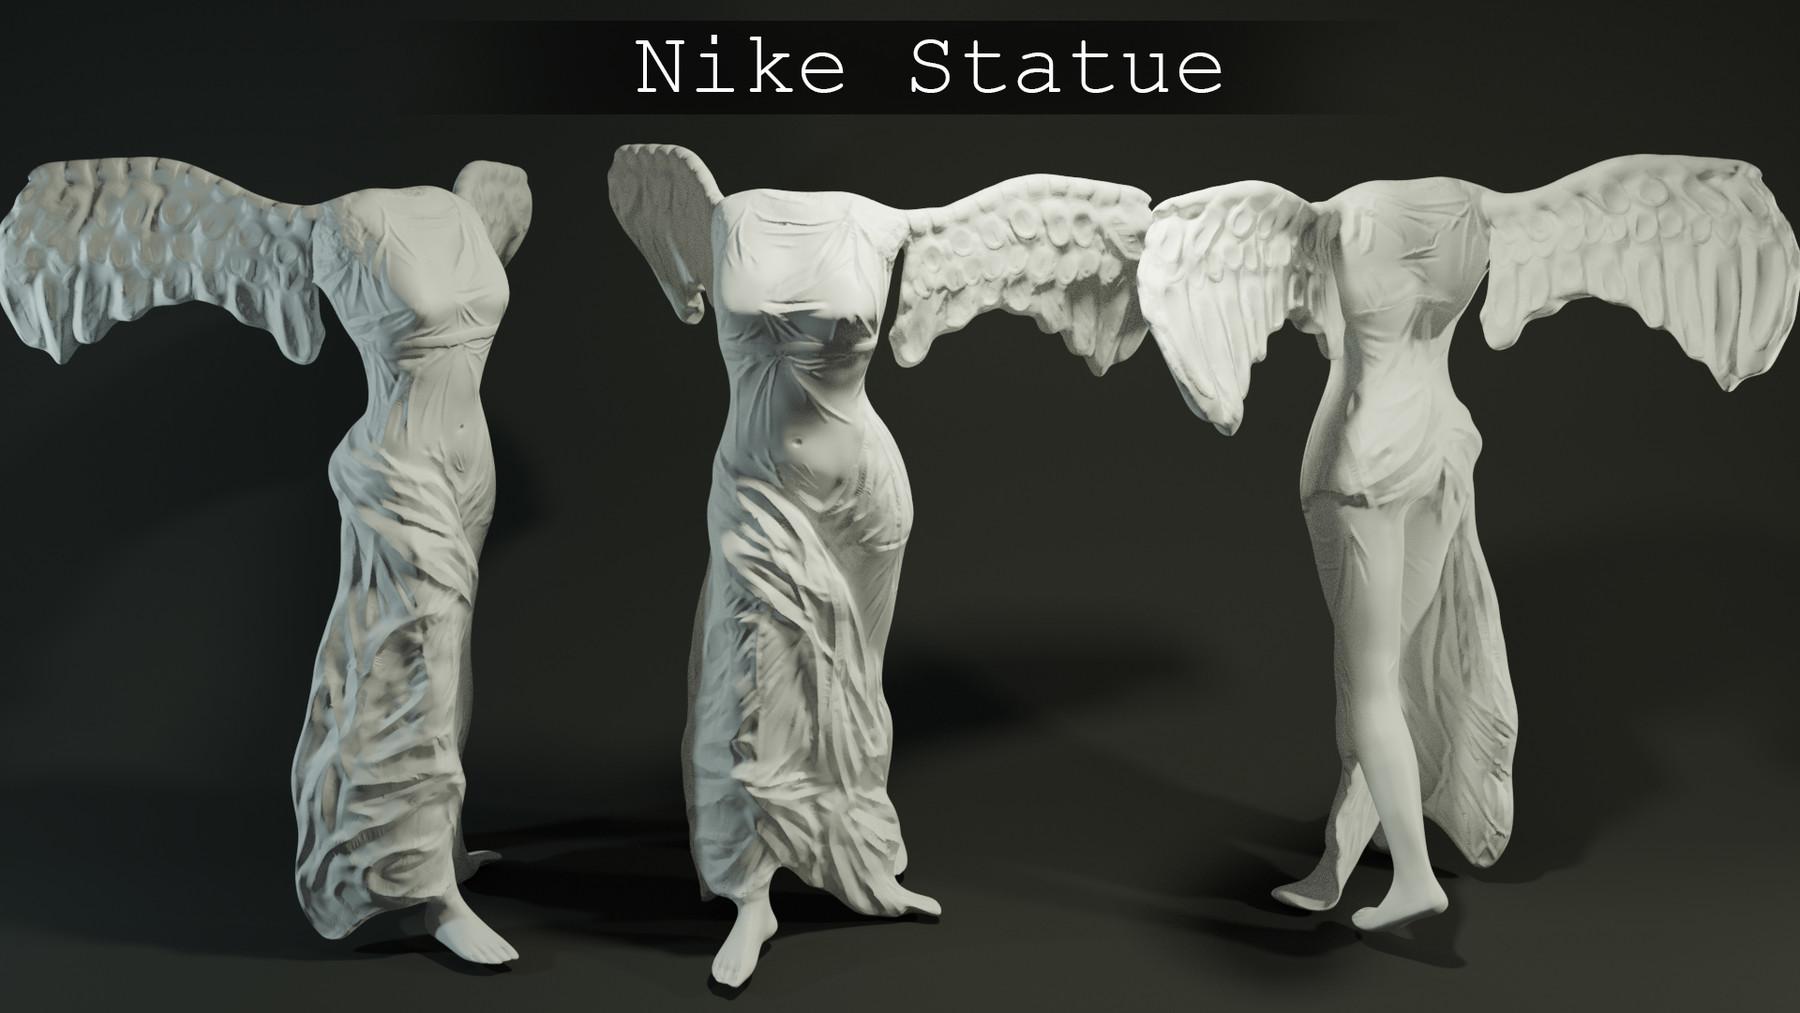 Nikethumbimage